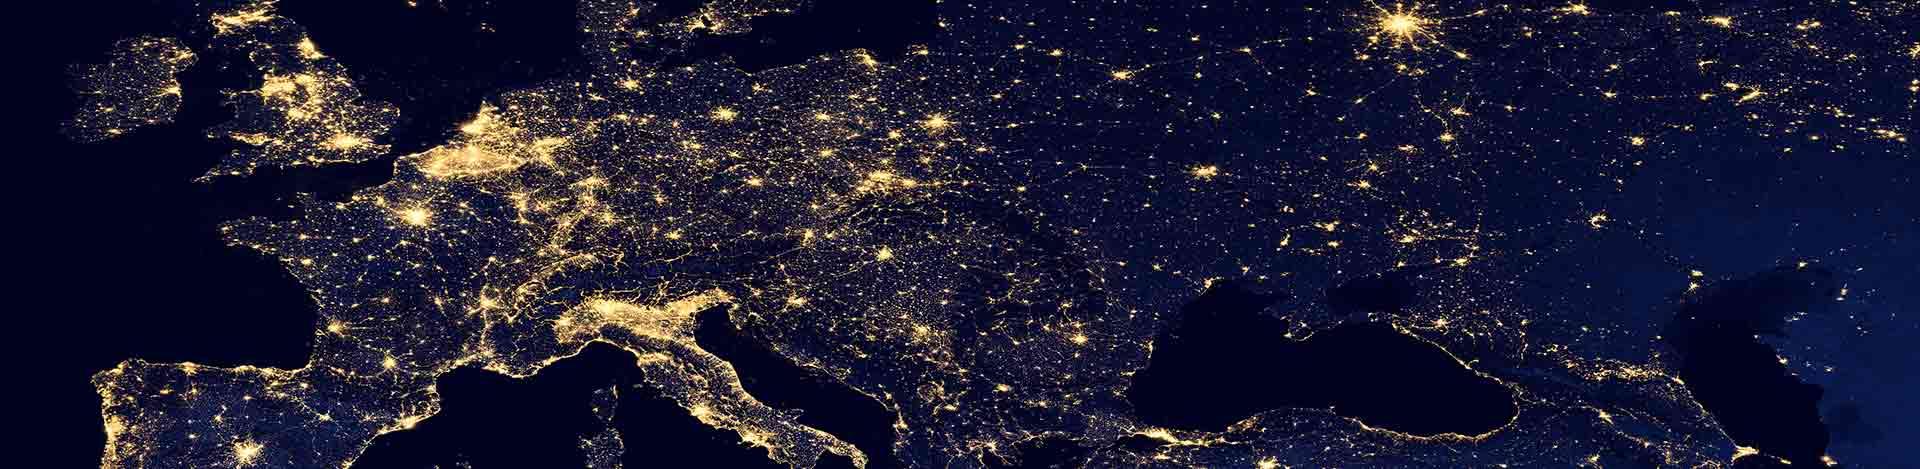 Contaminación lumínica en Europa, un eje de mejora de la eficiencia energética